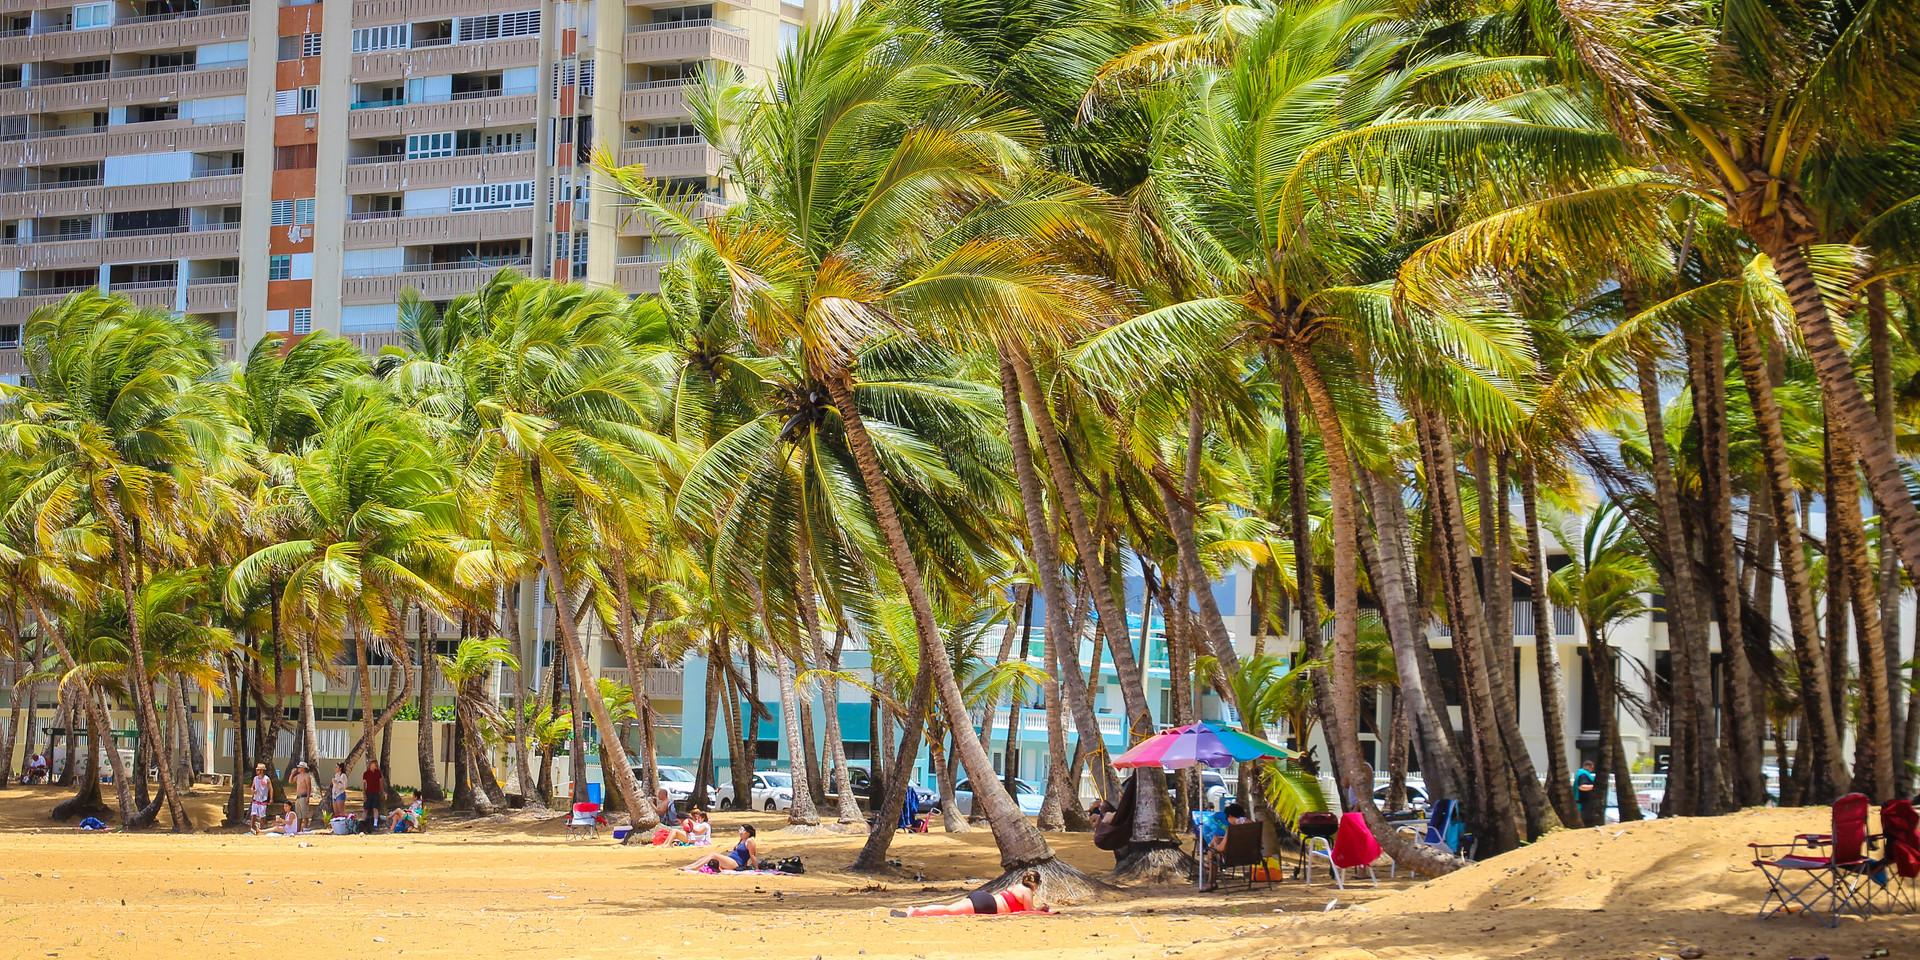 Fun day in Luquillo Beach